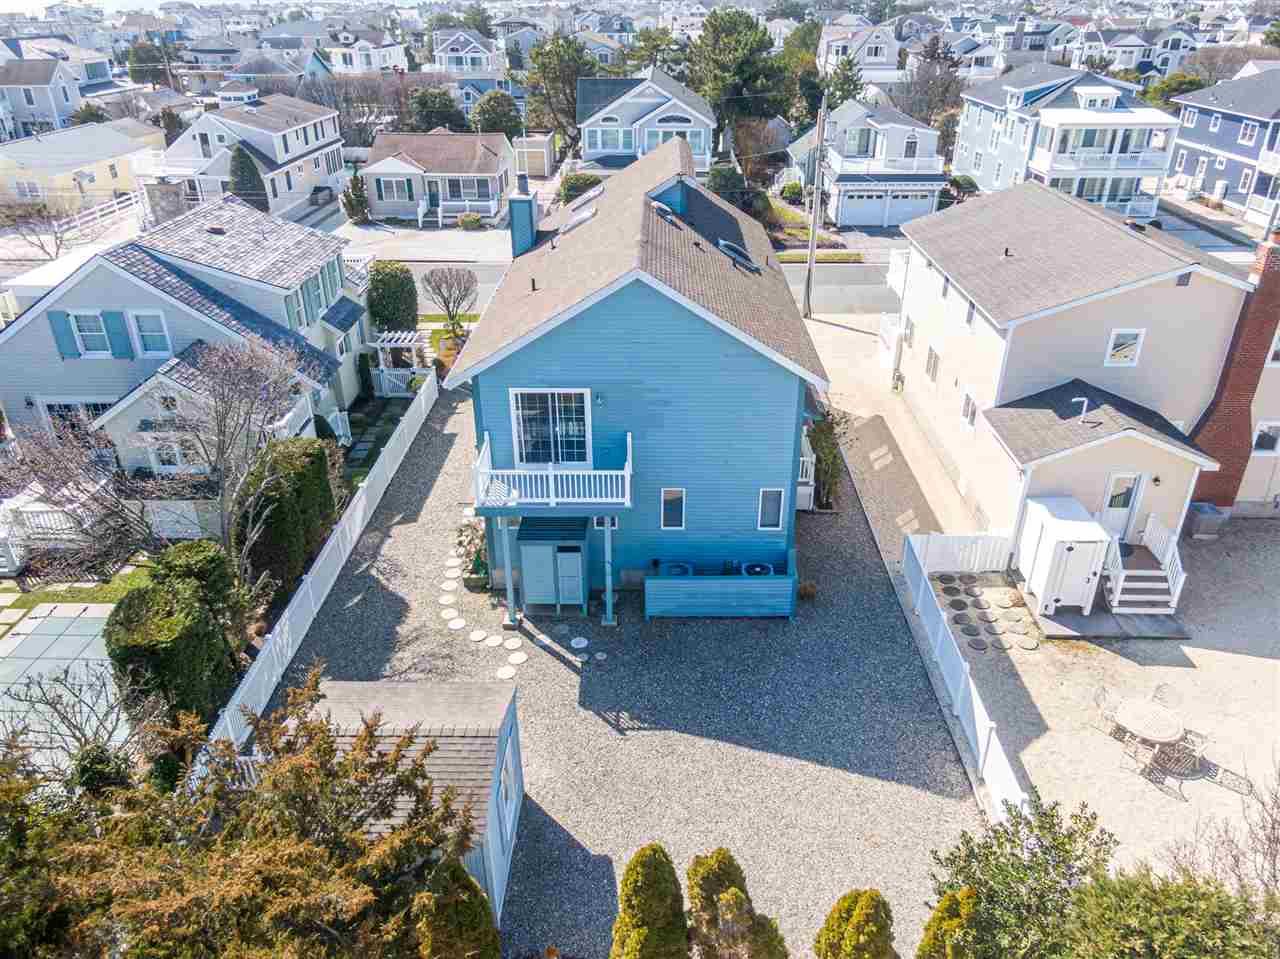 144 104 Street, Stone Harbor NJ - Picture 23